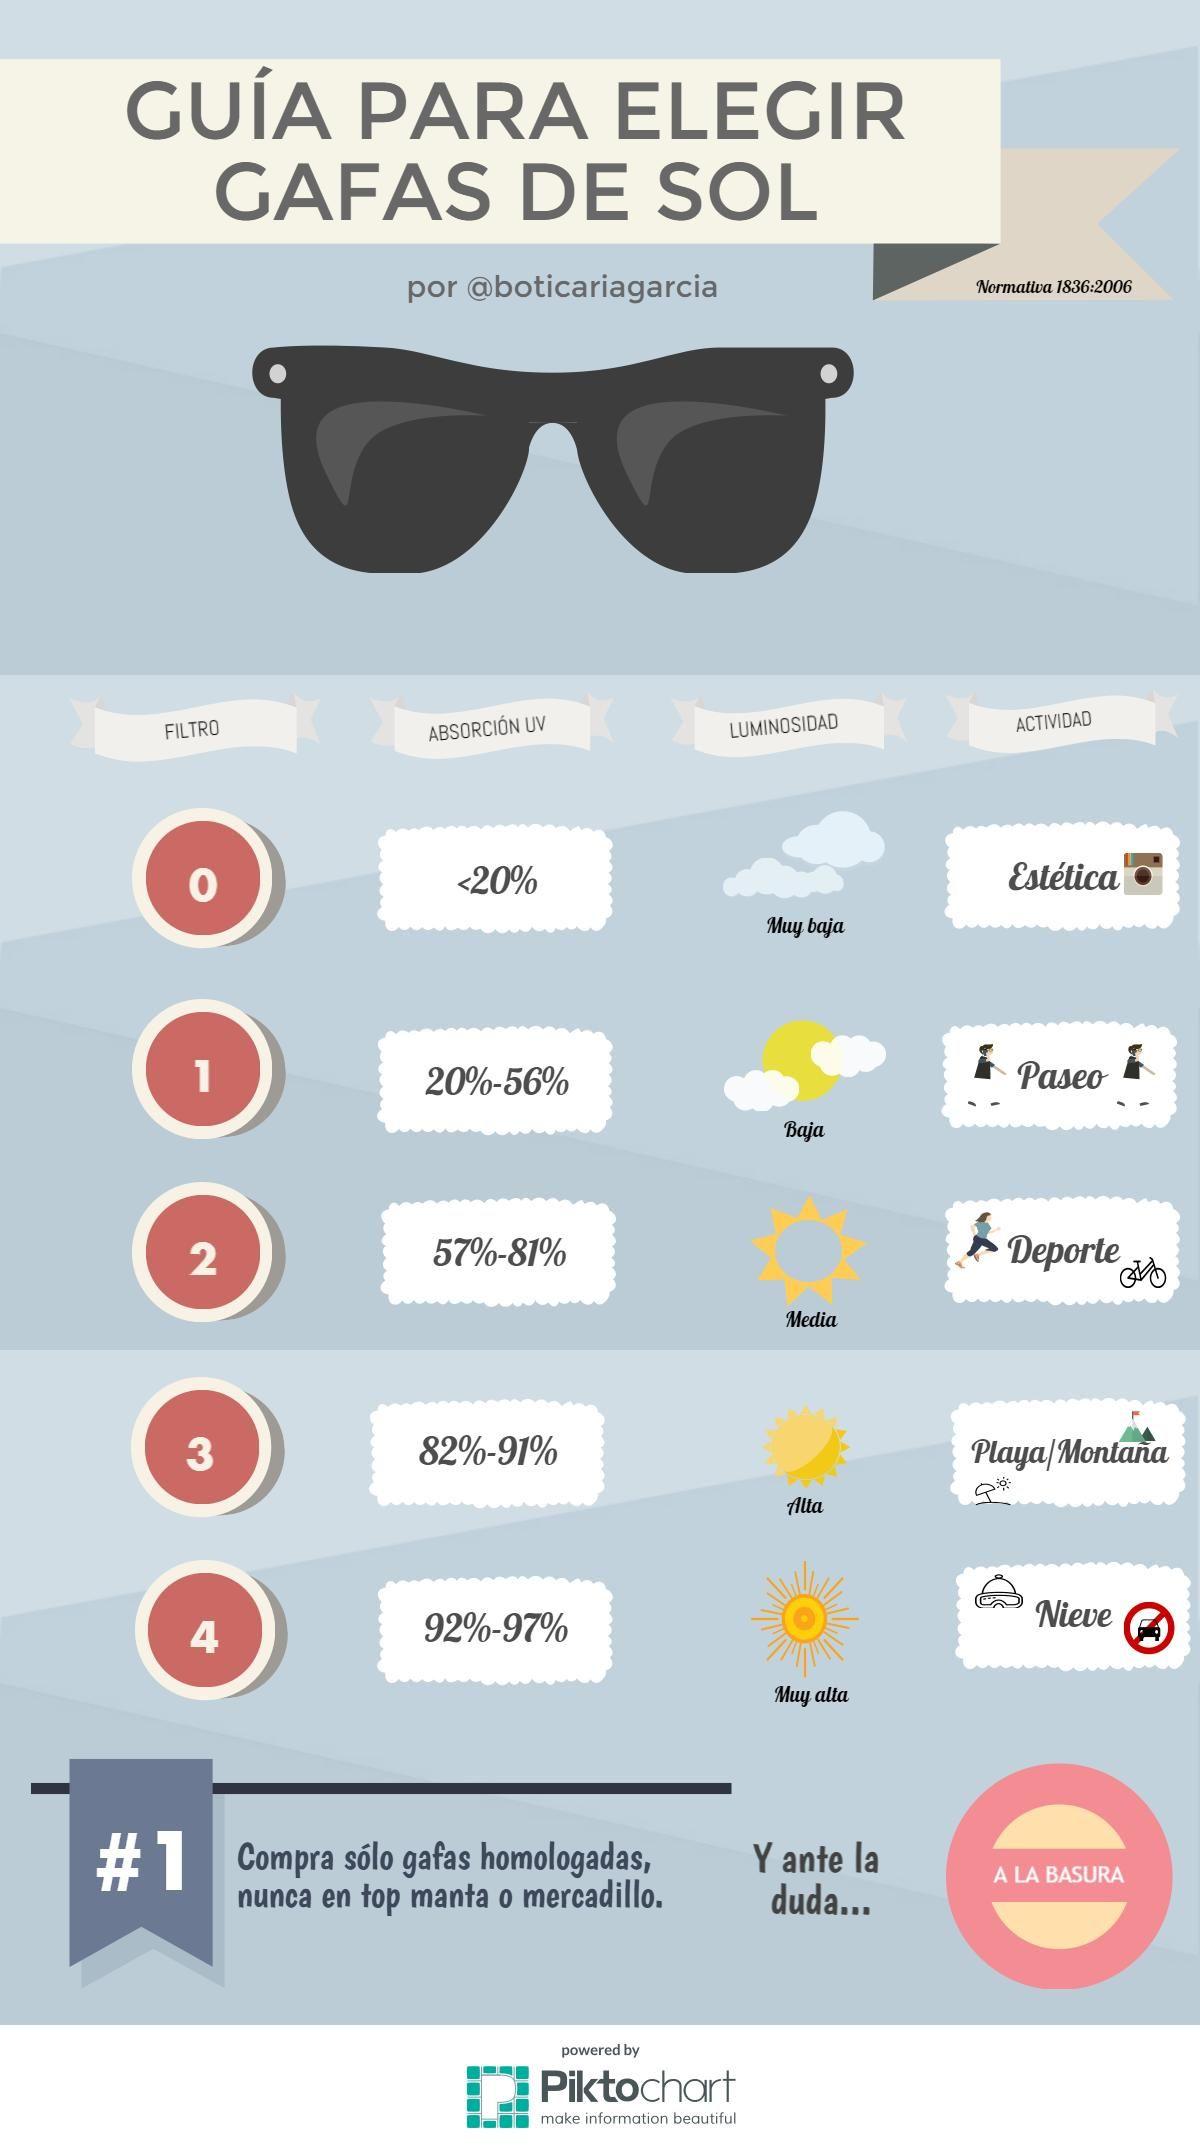 7045059c4f2f8 Como elegir las mejores gafas de sol - boticaria garcia